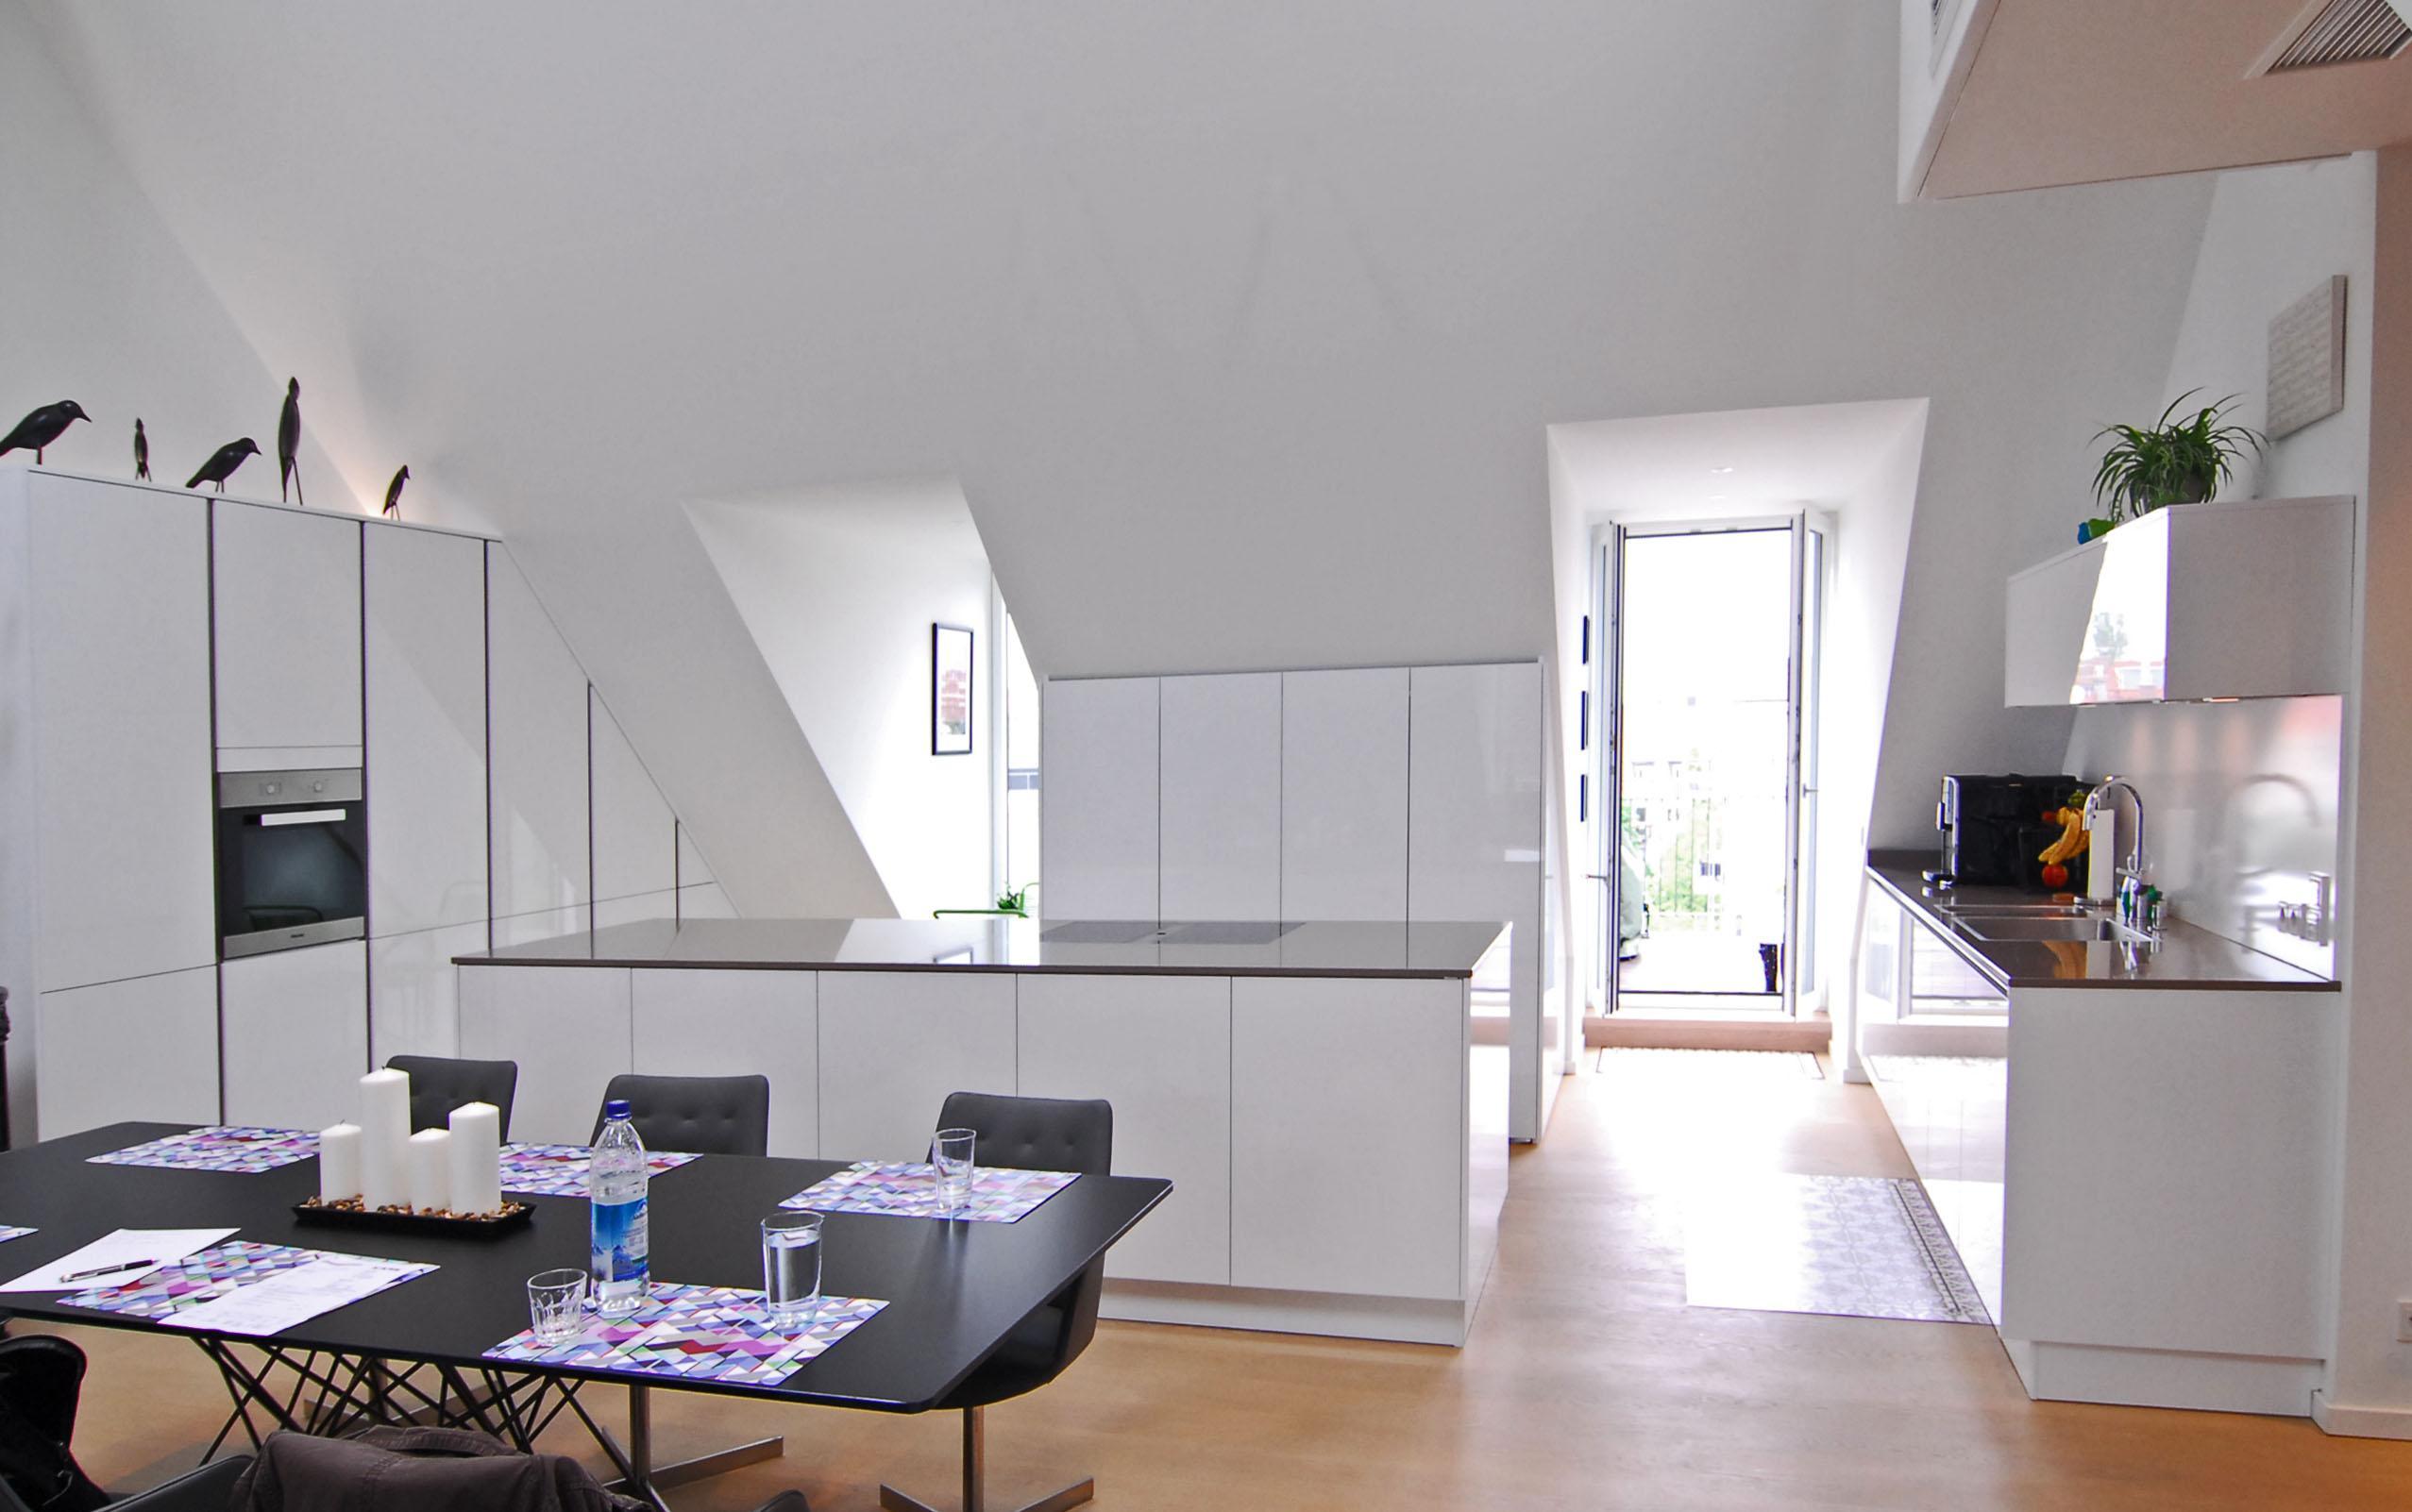 Küche mit Dachschräge • Bilder & Ideen • COUCH